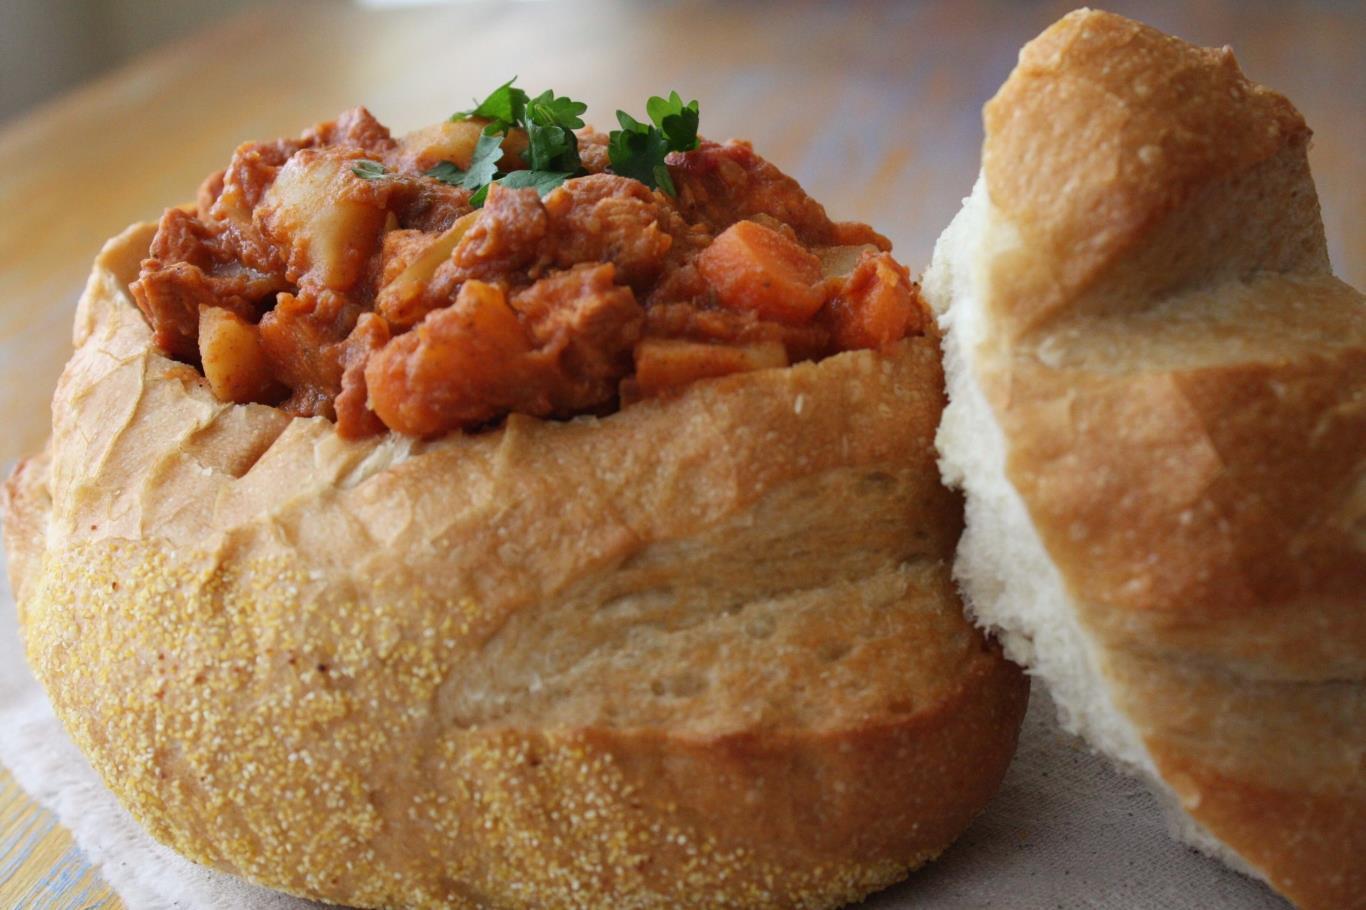 Món ăn này gồm nửa ổ bánh mì bỏ ruột, cho thêm cà ri gà hoặc cừu, và nhiều nguyên liệu khác. Bunny chow có xuất xứ từ Ấn Độ, nhưng đã trở thành món ăn đường phố nổi tiếng của vùng Durban ở Nam Phi.